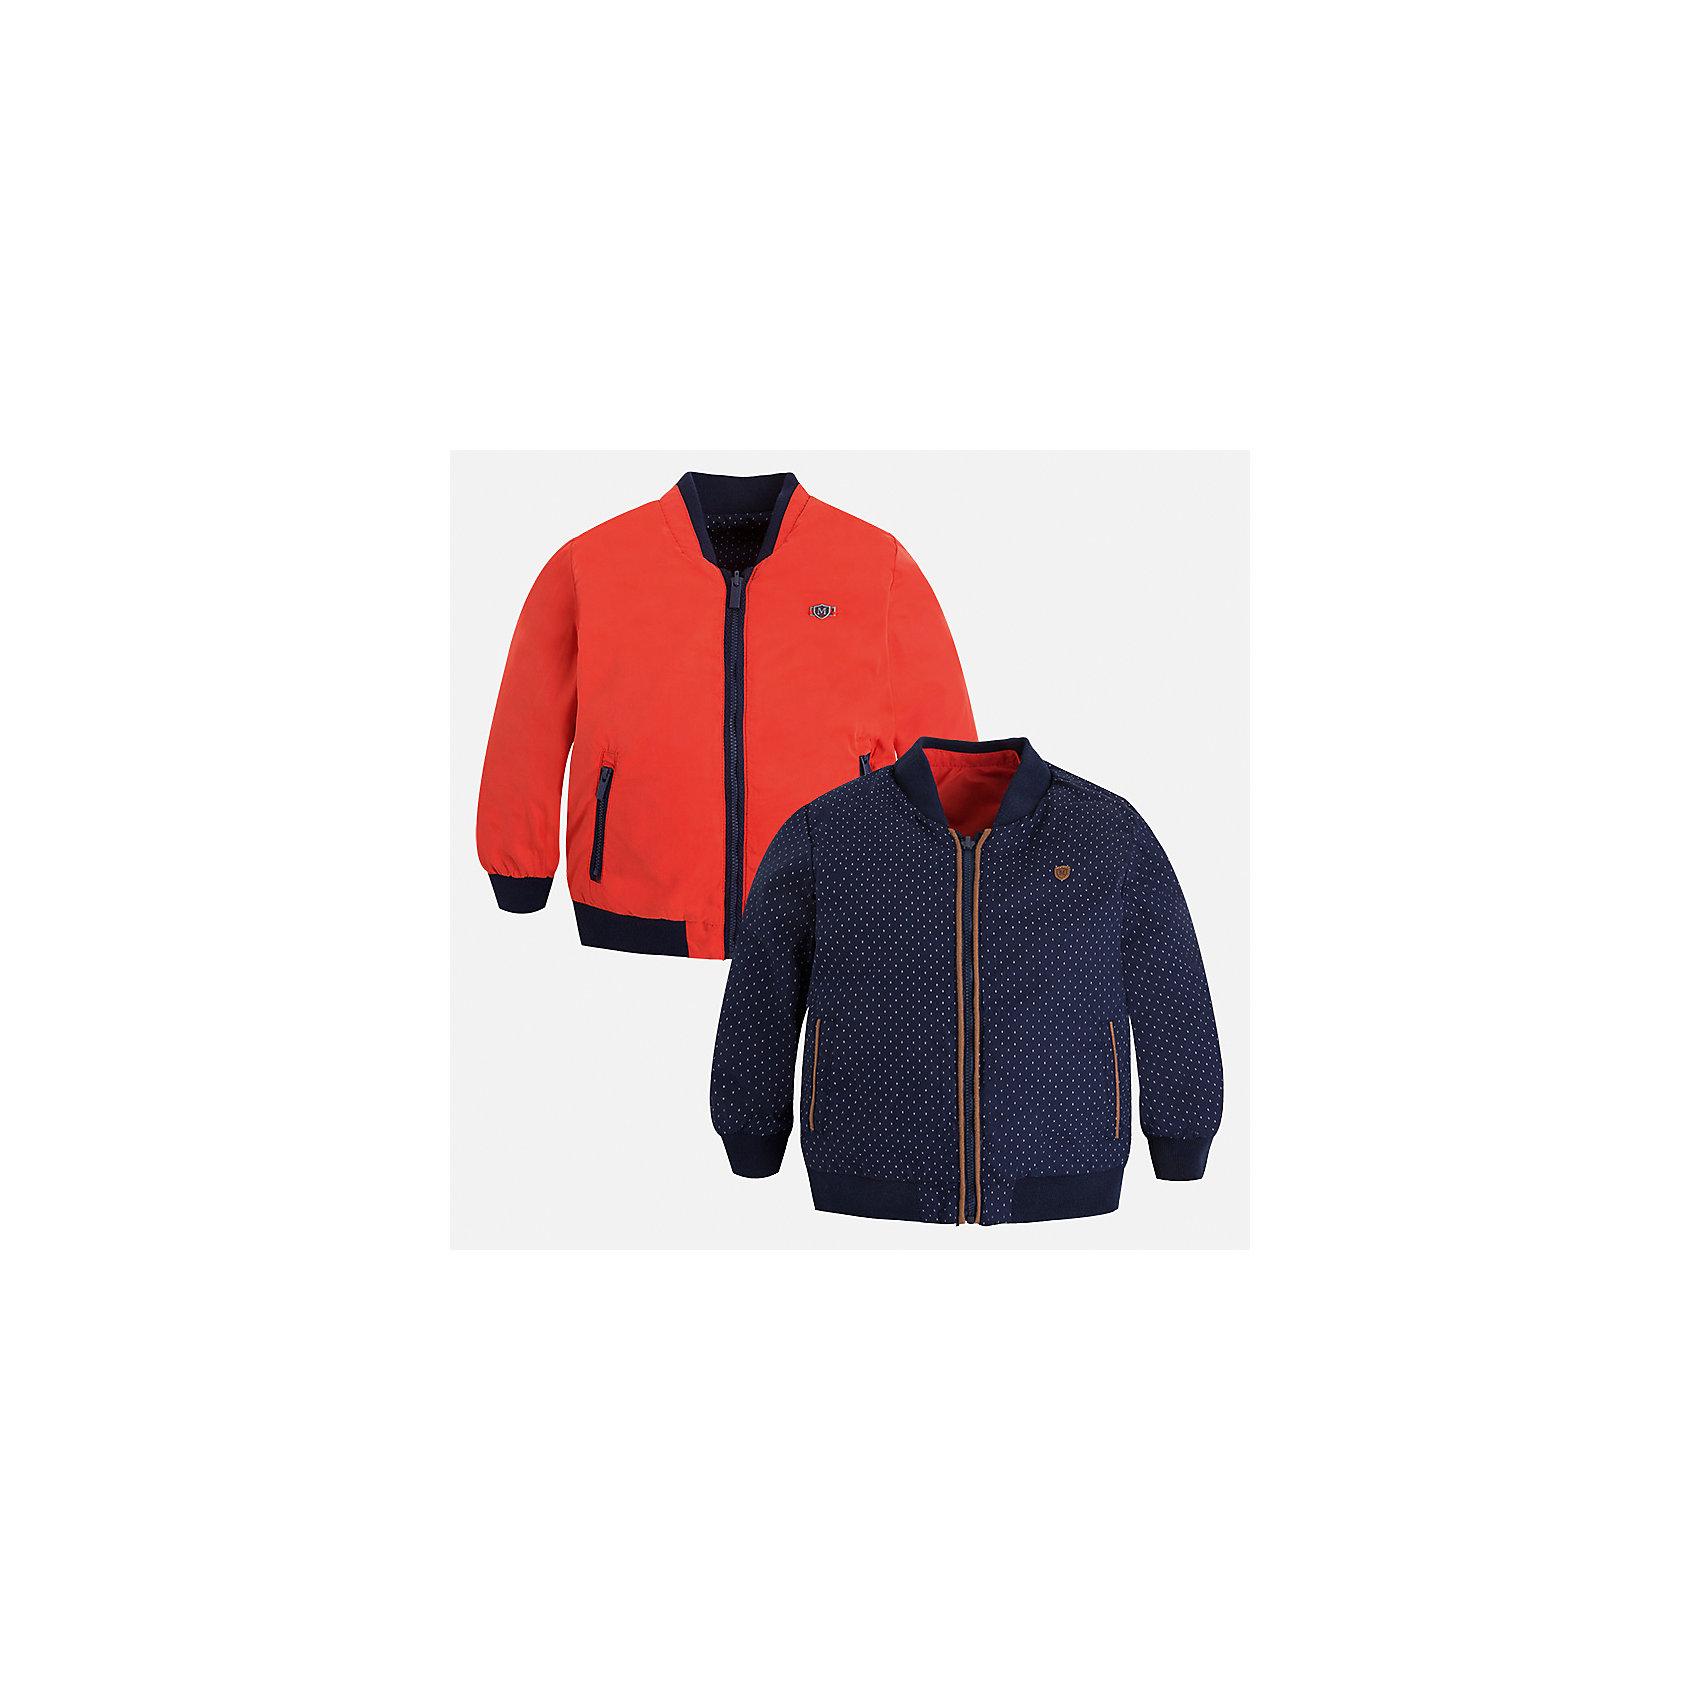 Ветровка двухсторонняя для мальчика MayoralВерхняя одежда<br>Характеристики товара:<br><br>• цвет: синий/красный<br>• состав: 100% полиэстер, подкладка - 100% хлопок<br>• температурный режим: от +10° С<br>• двусторонняя<br>• карманы<br>• молния<br>• манжеты<br>• страна бренда: Испания<br><br>Легкая куртка для мальчика поможет разнообразить гардероб ребенка и обеспечить тепло в прохладную погоду. Эта ветровка - два в одном: стоит её вывернуть - и появляется еще одна курточка другой расцветки. Интересная отделка модели делает её нарядной и оригинальной. <br><br>Ветровку для мальчика от испанского бренда Mayoral (Майорал) можно купить в нашем интернет-магазине.<br><br>Ширина мм: 356<br>Глубина мм: 10<br>Высота мм: 245<br>Вес г: 519<br>Цвет: красный<br>Возраст от месяцев: 18<br>Возраст до месяцев: 24<br>Пол: Мужской<br>Возраст: Детский<br>Размер: 92,128,122,116,110,104,98,134<br>SKU: 5280684